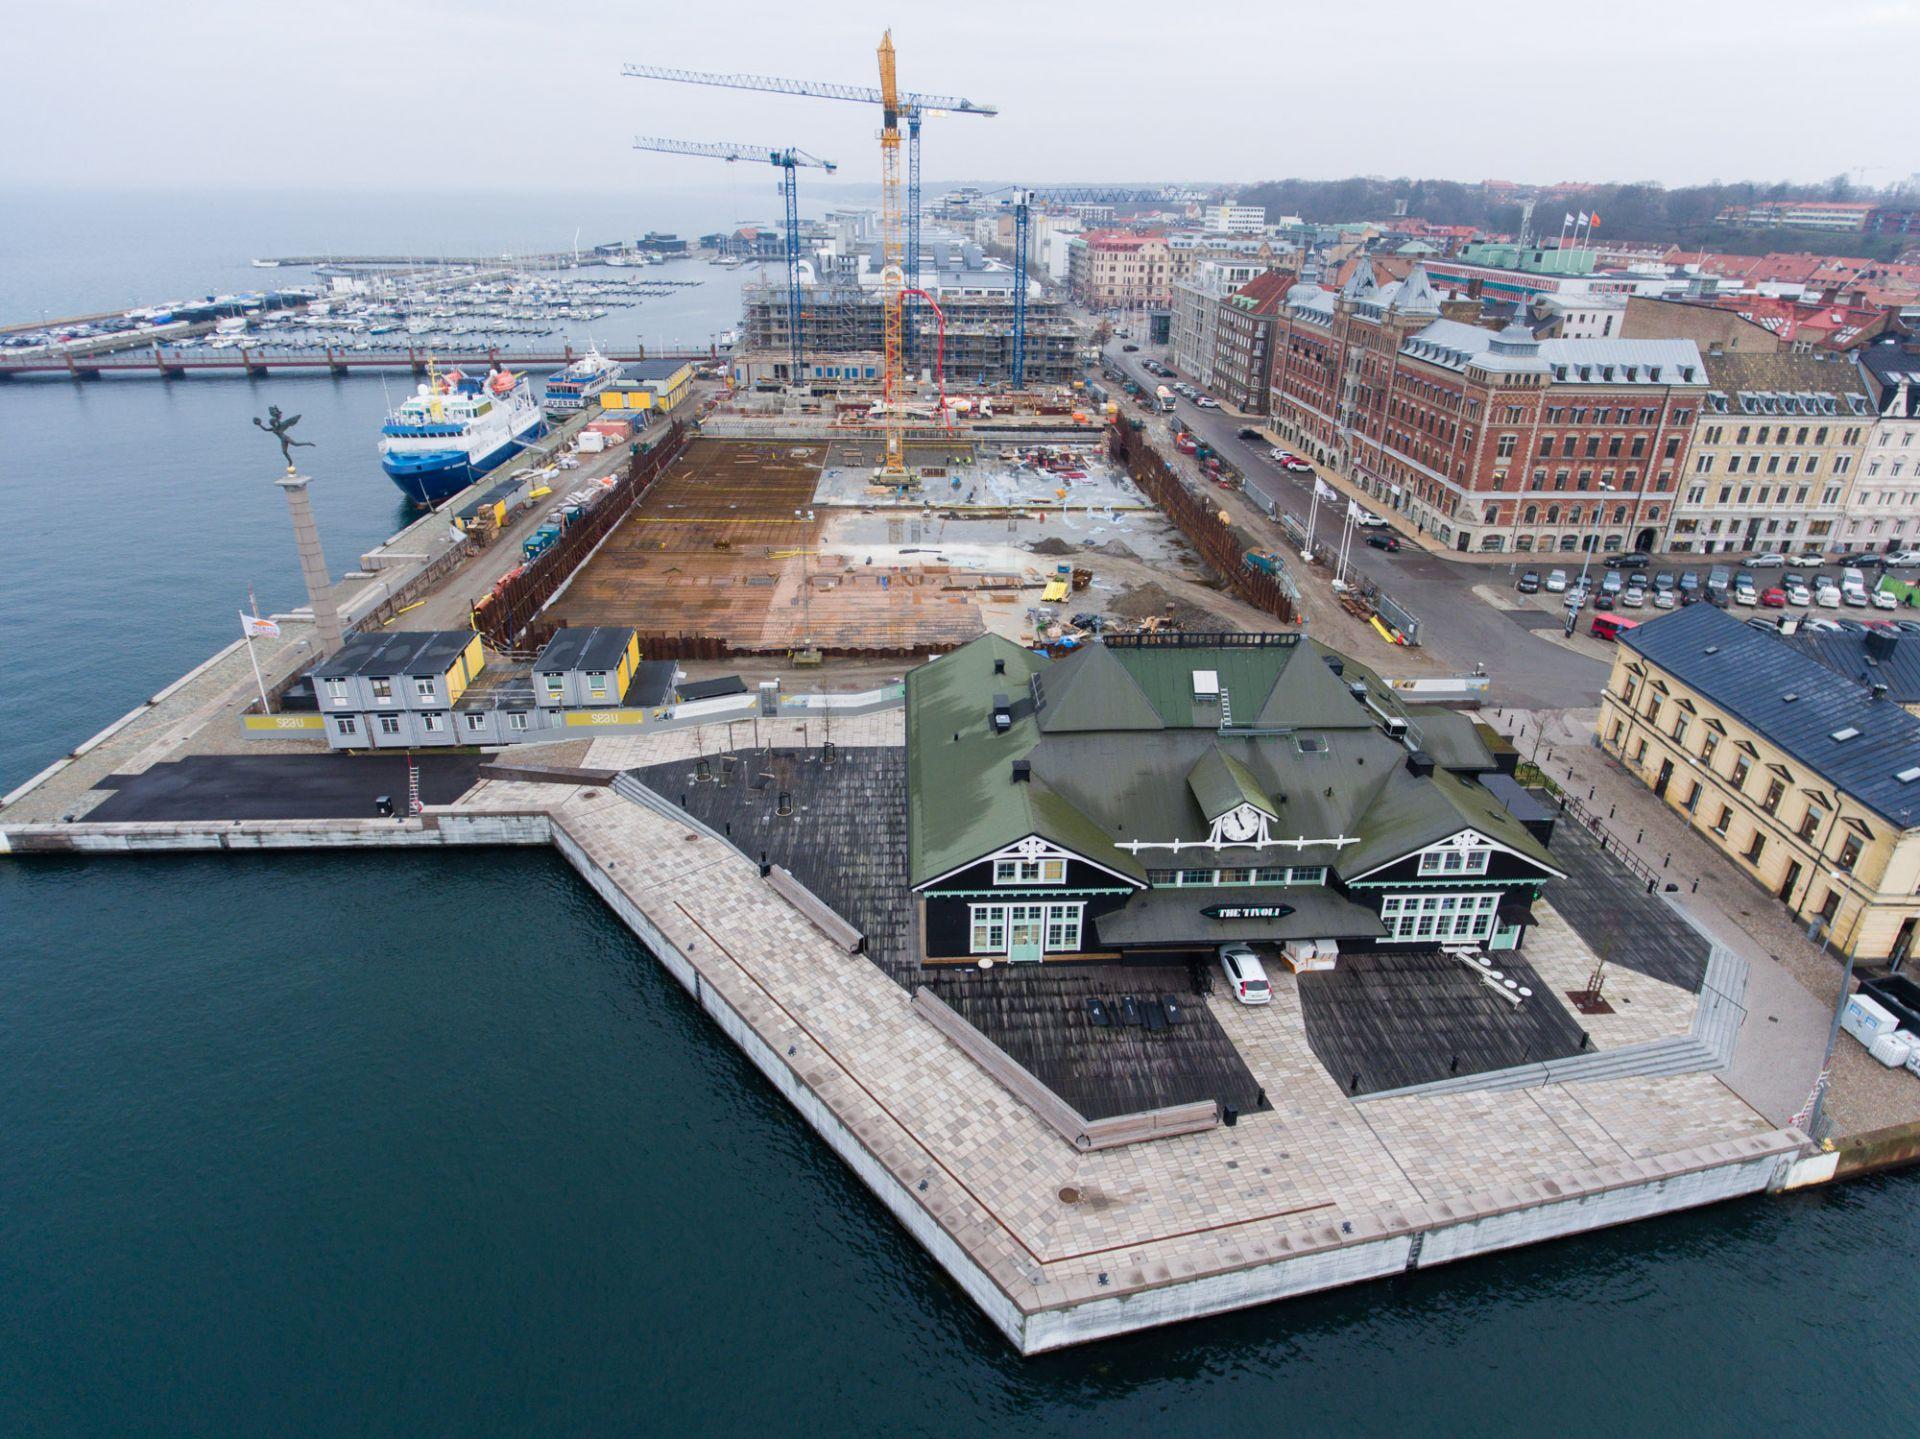 Översikt utav byggplatsen för kongresshuset mitt i Helsingborg vid kajkanten och läget.